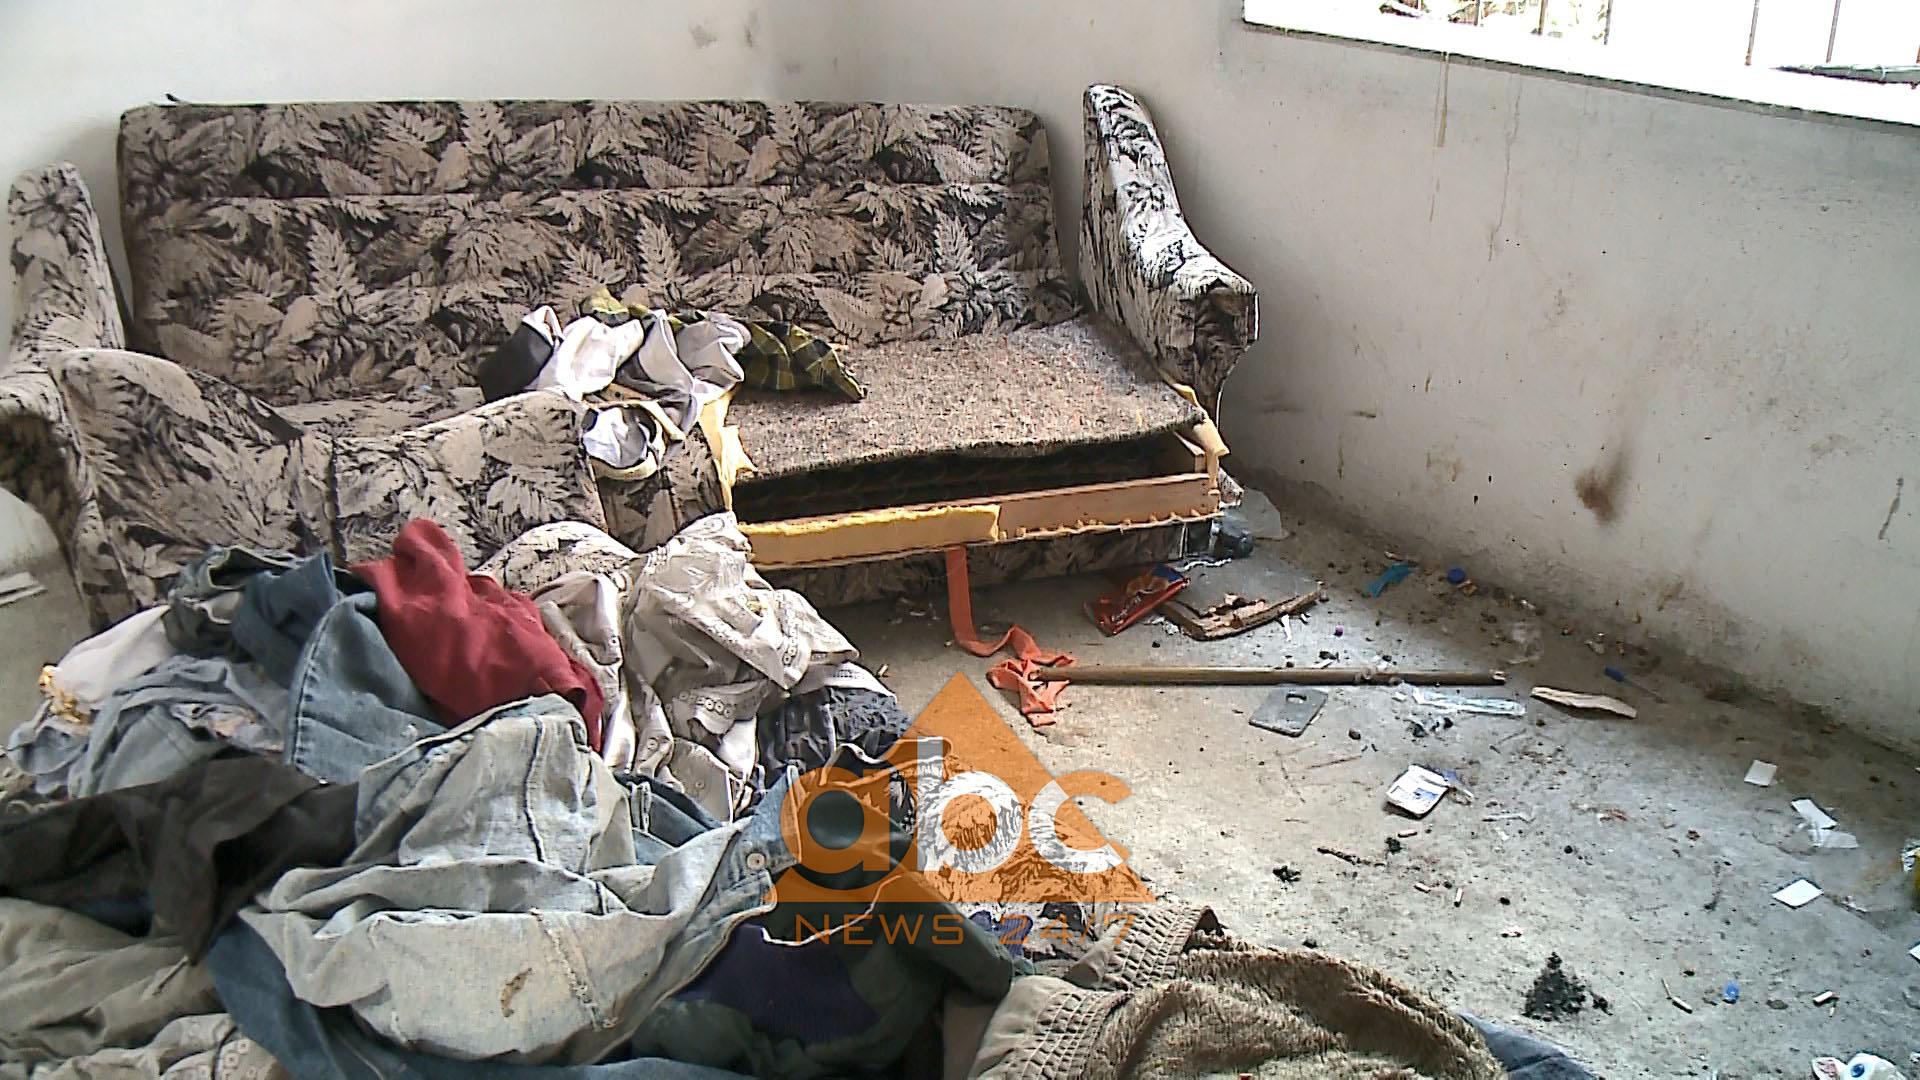 Në banesën e të riut që u grabit dhe më pas u vra në Tiranë